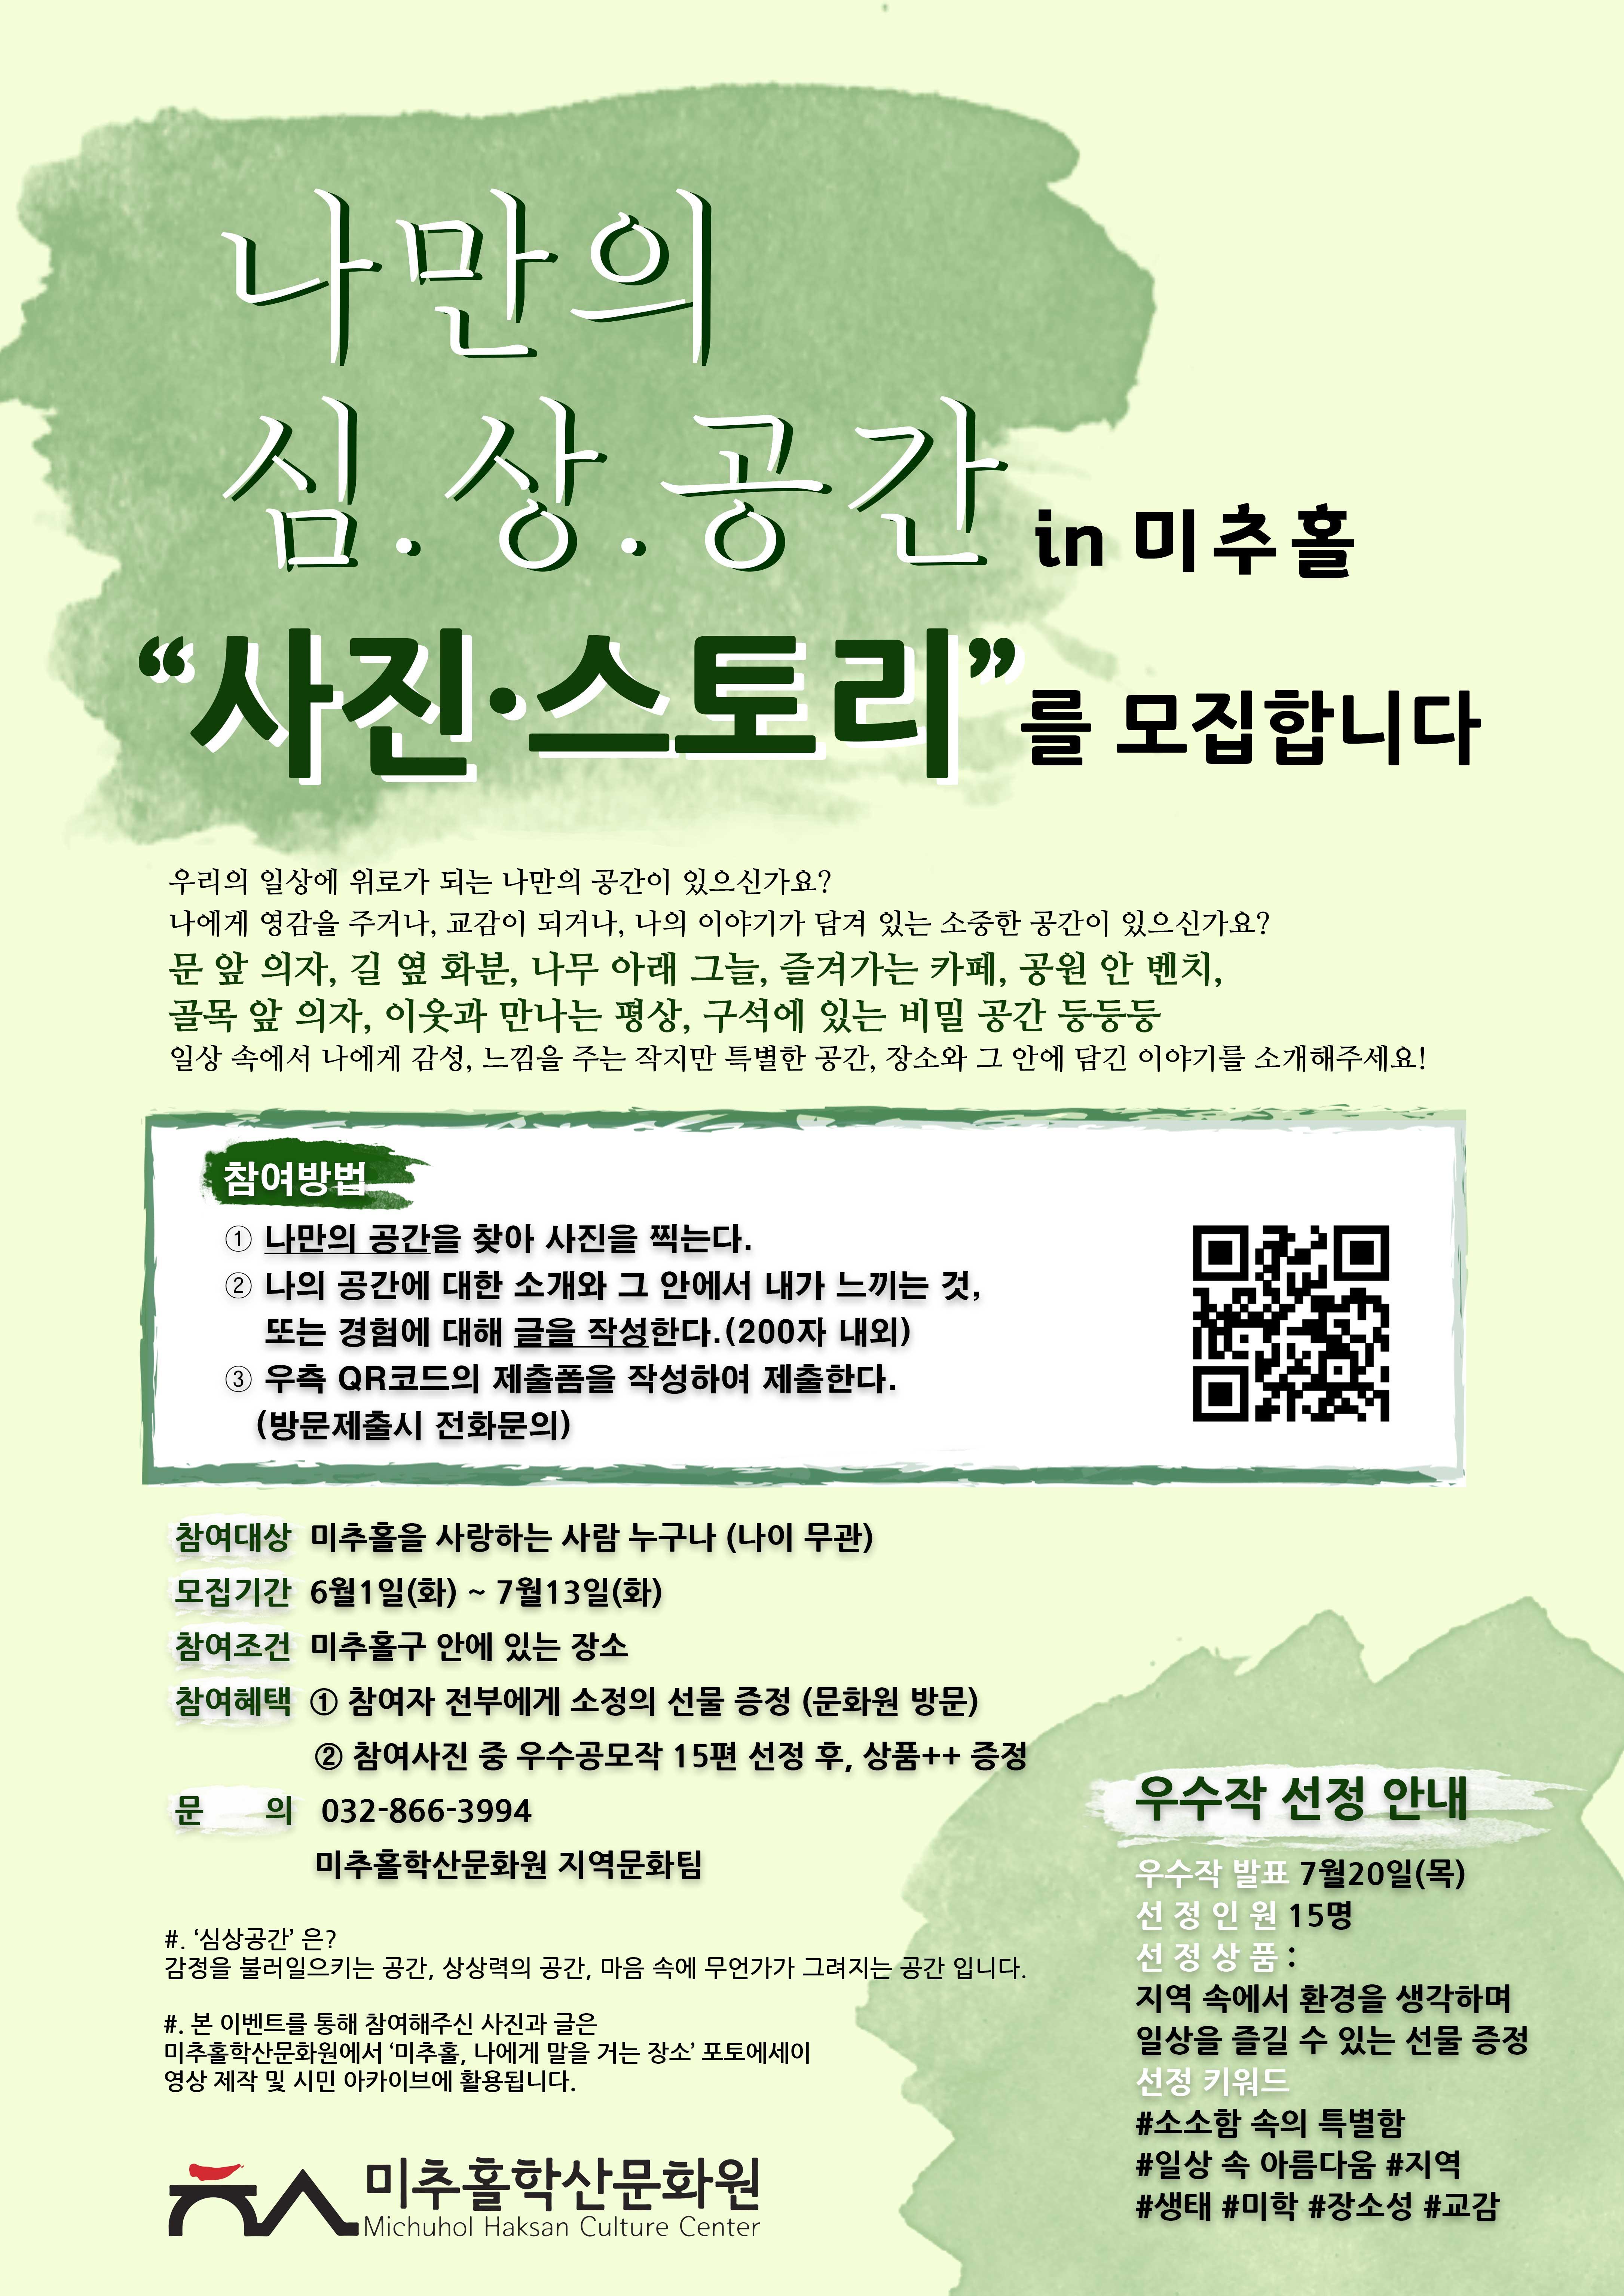 """미추홀학산문화원 나만의 심상공간 in 미추홀 """"사진 스토리""""를 모집합니다"""